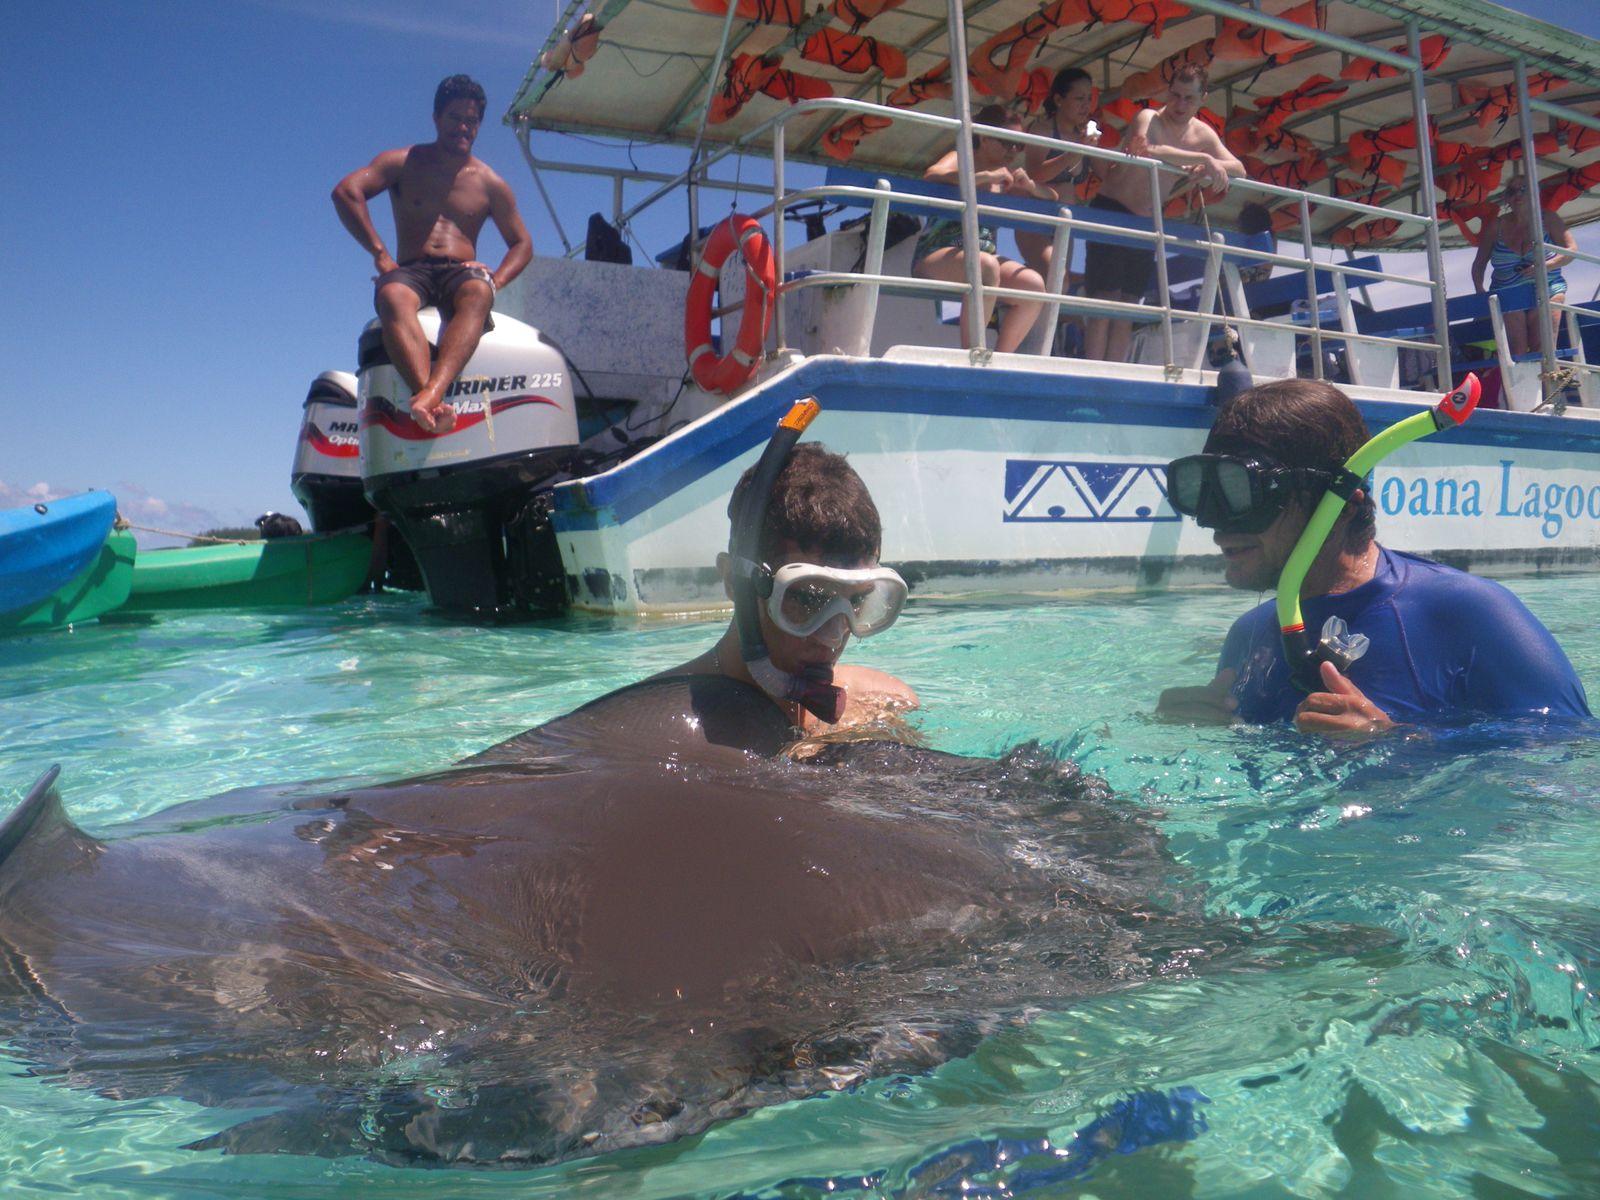 Rencontre avec les raies et les requins: senation spéciale : les raies sont douces et viennent se coller à nous.